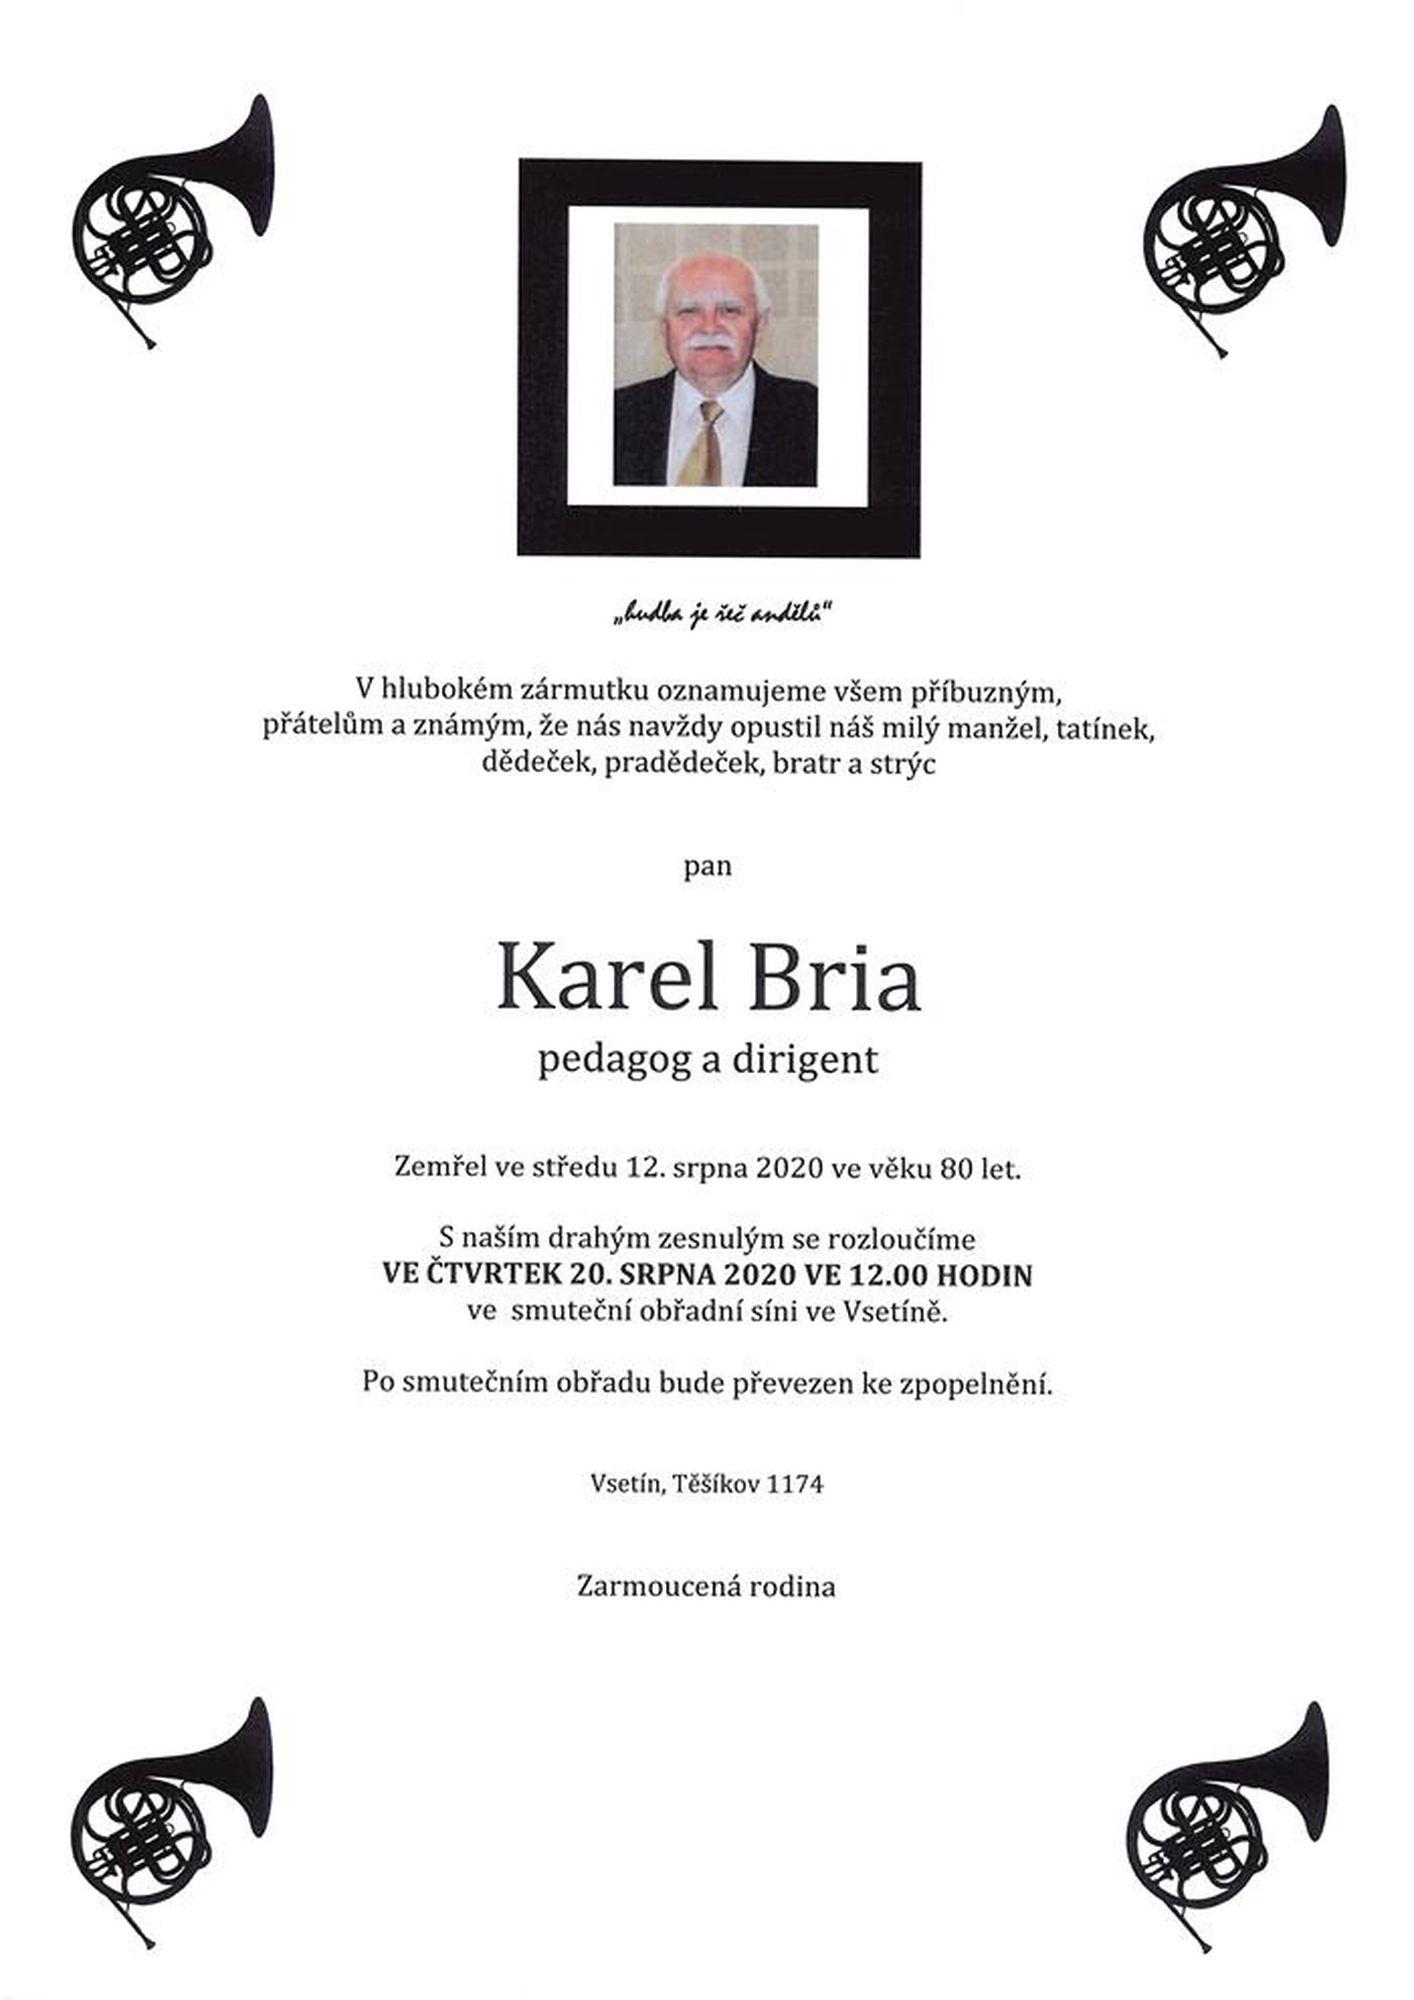 Karel Bria